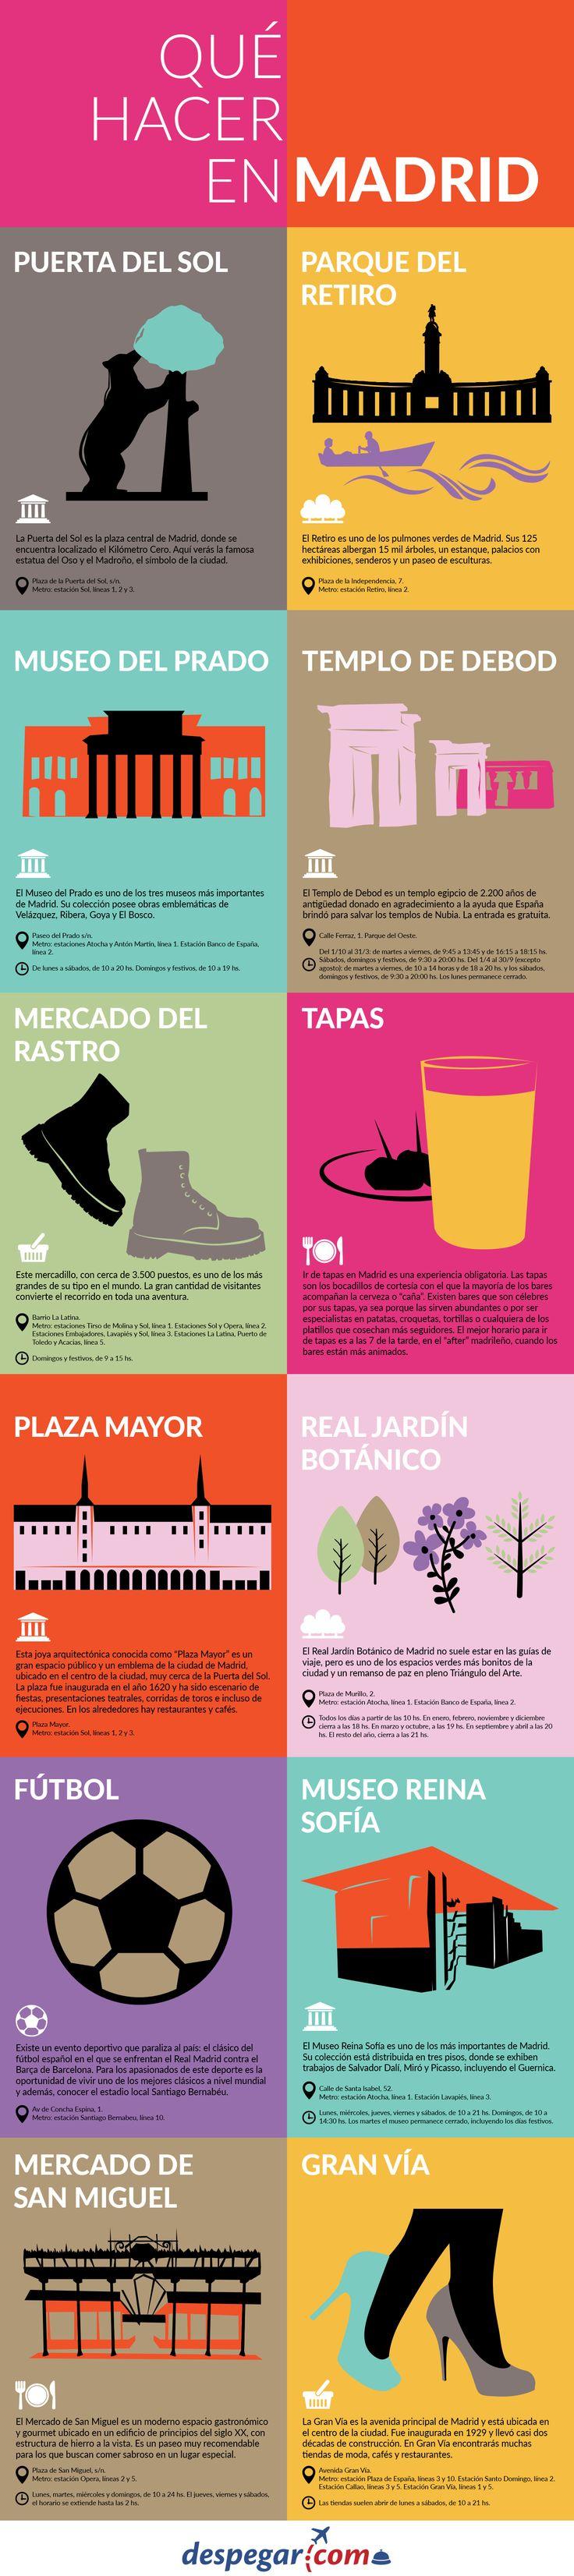 #Infografía: Qué hacer en #Madrid y 10 cosas para visitar cuando llegues. #viajar #madrid #infografía #turismo #despegar Infographic